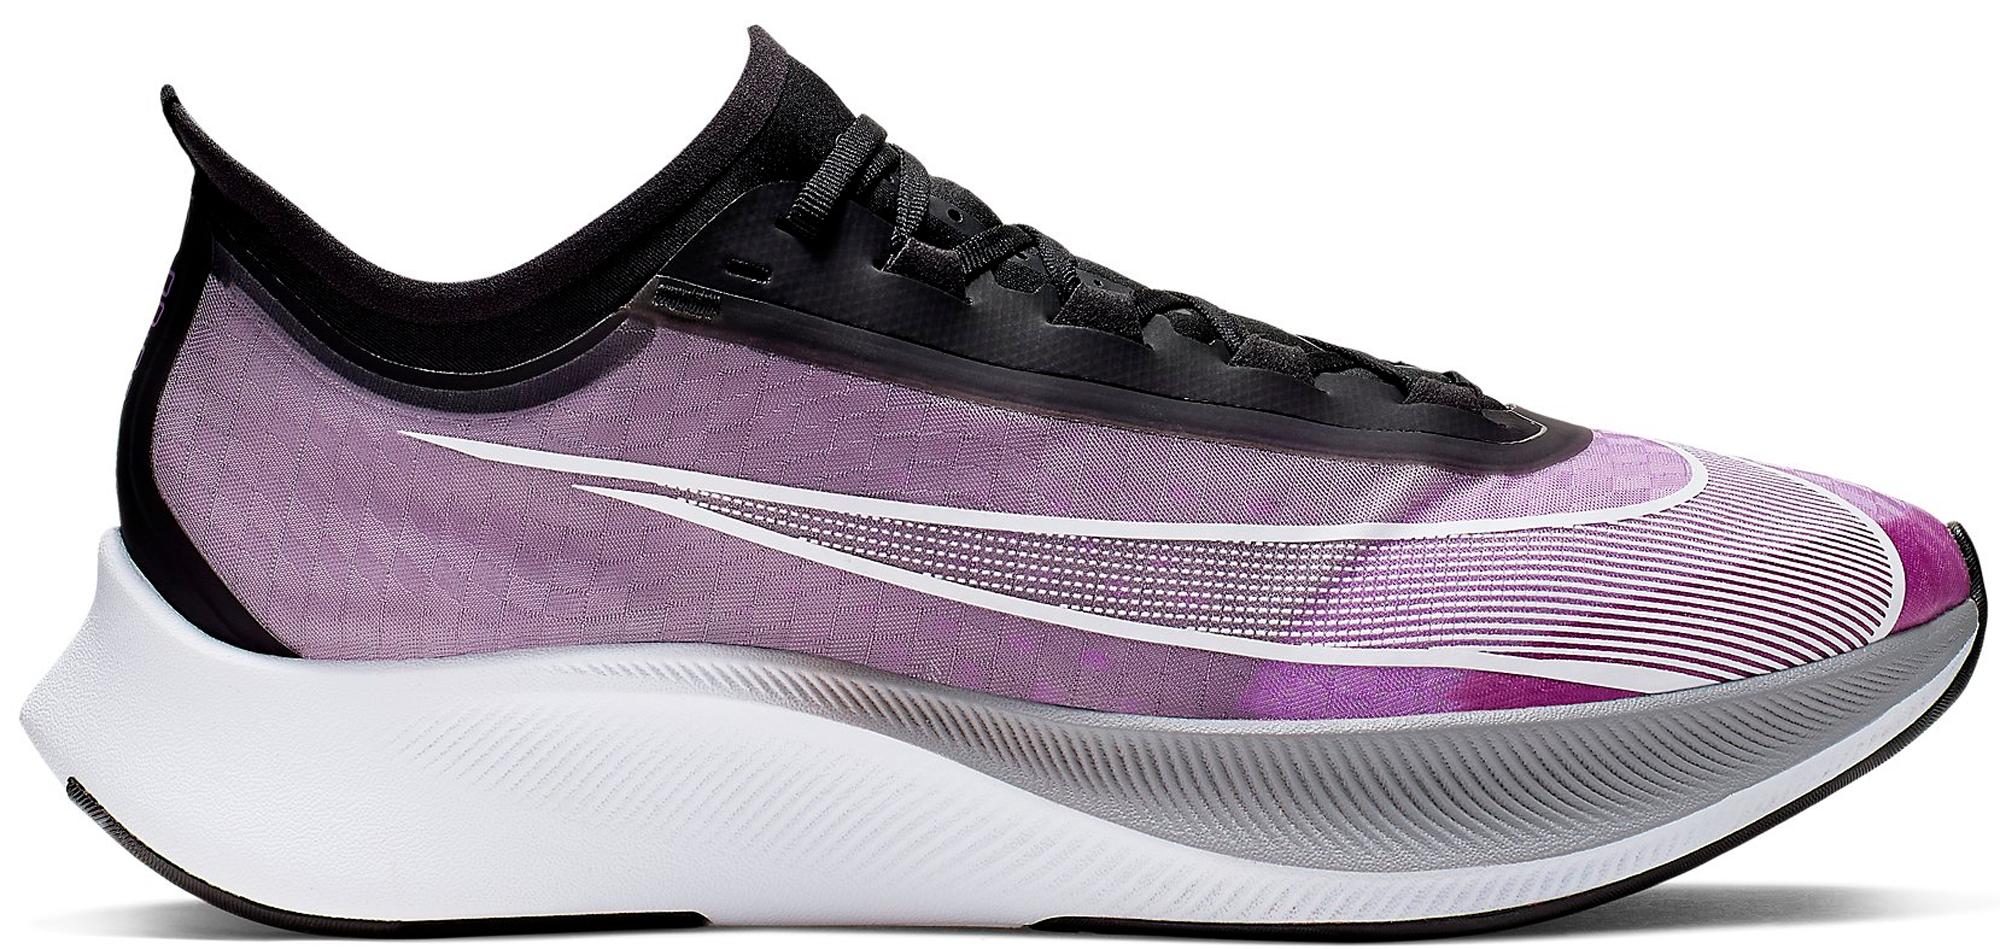 Nike Zoom Fly 3 Hyper Violet - AT8240-500